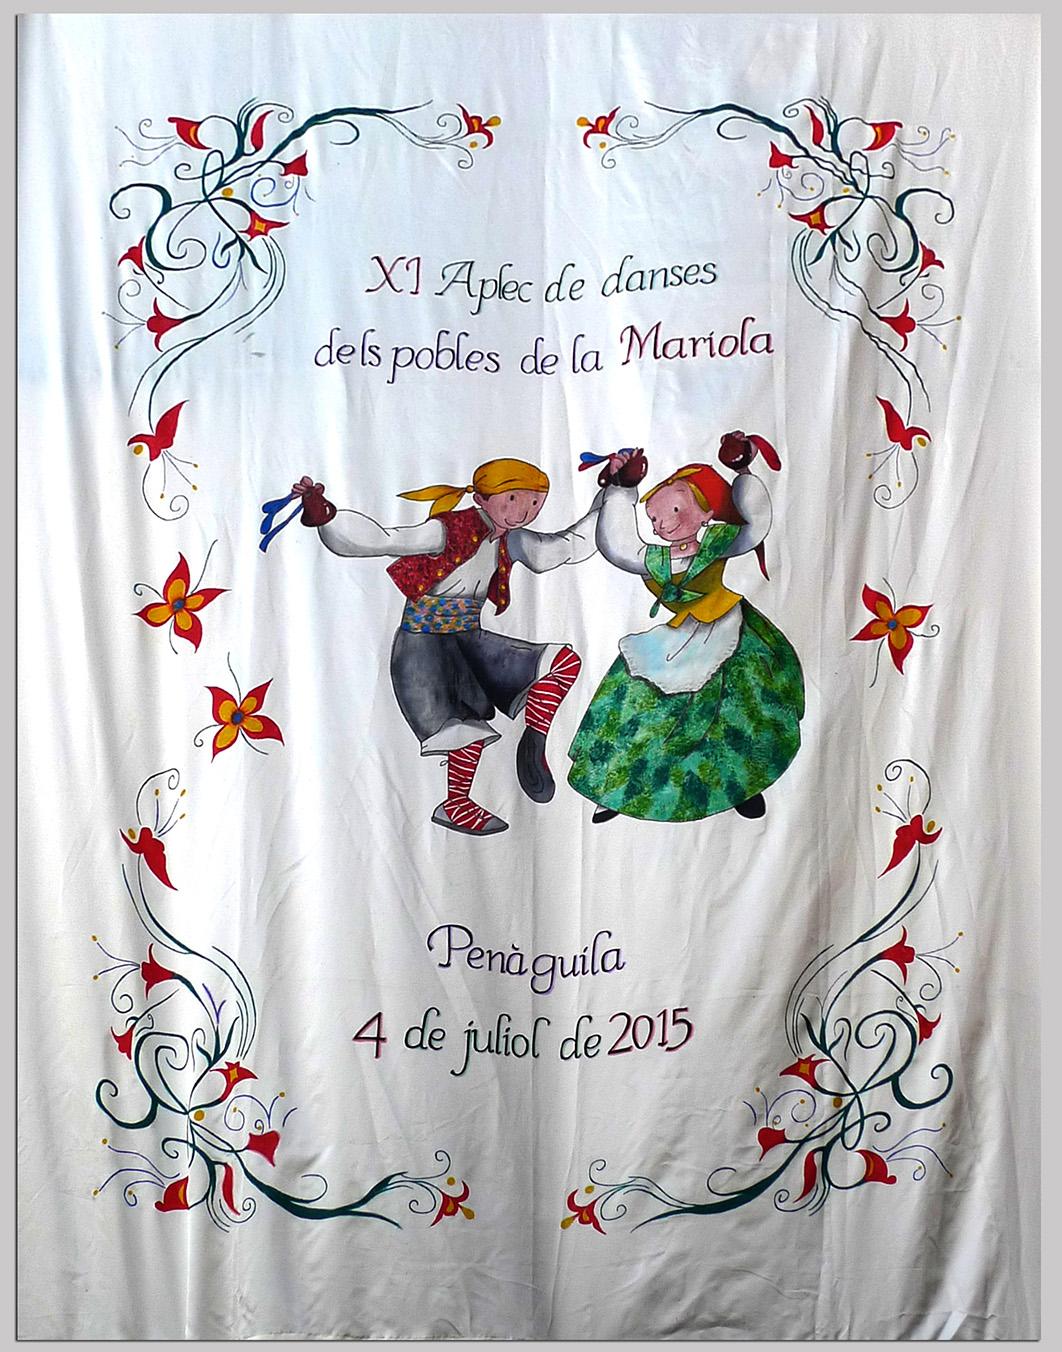 2015-07-04 AplecMariolaPenaguila (01)